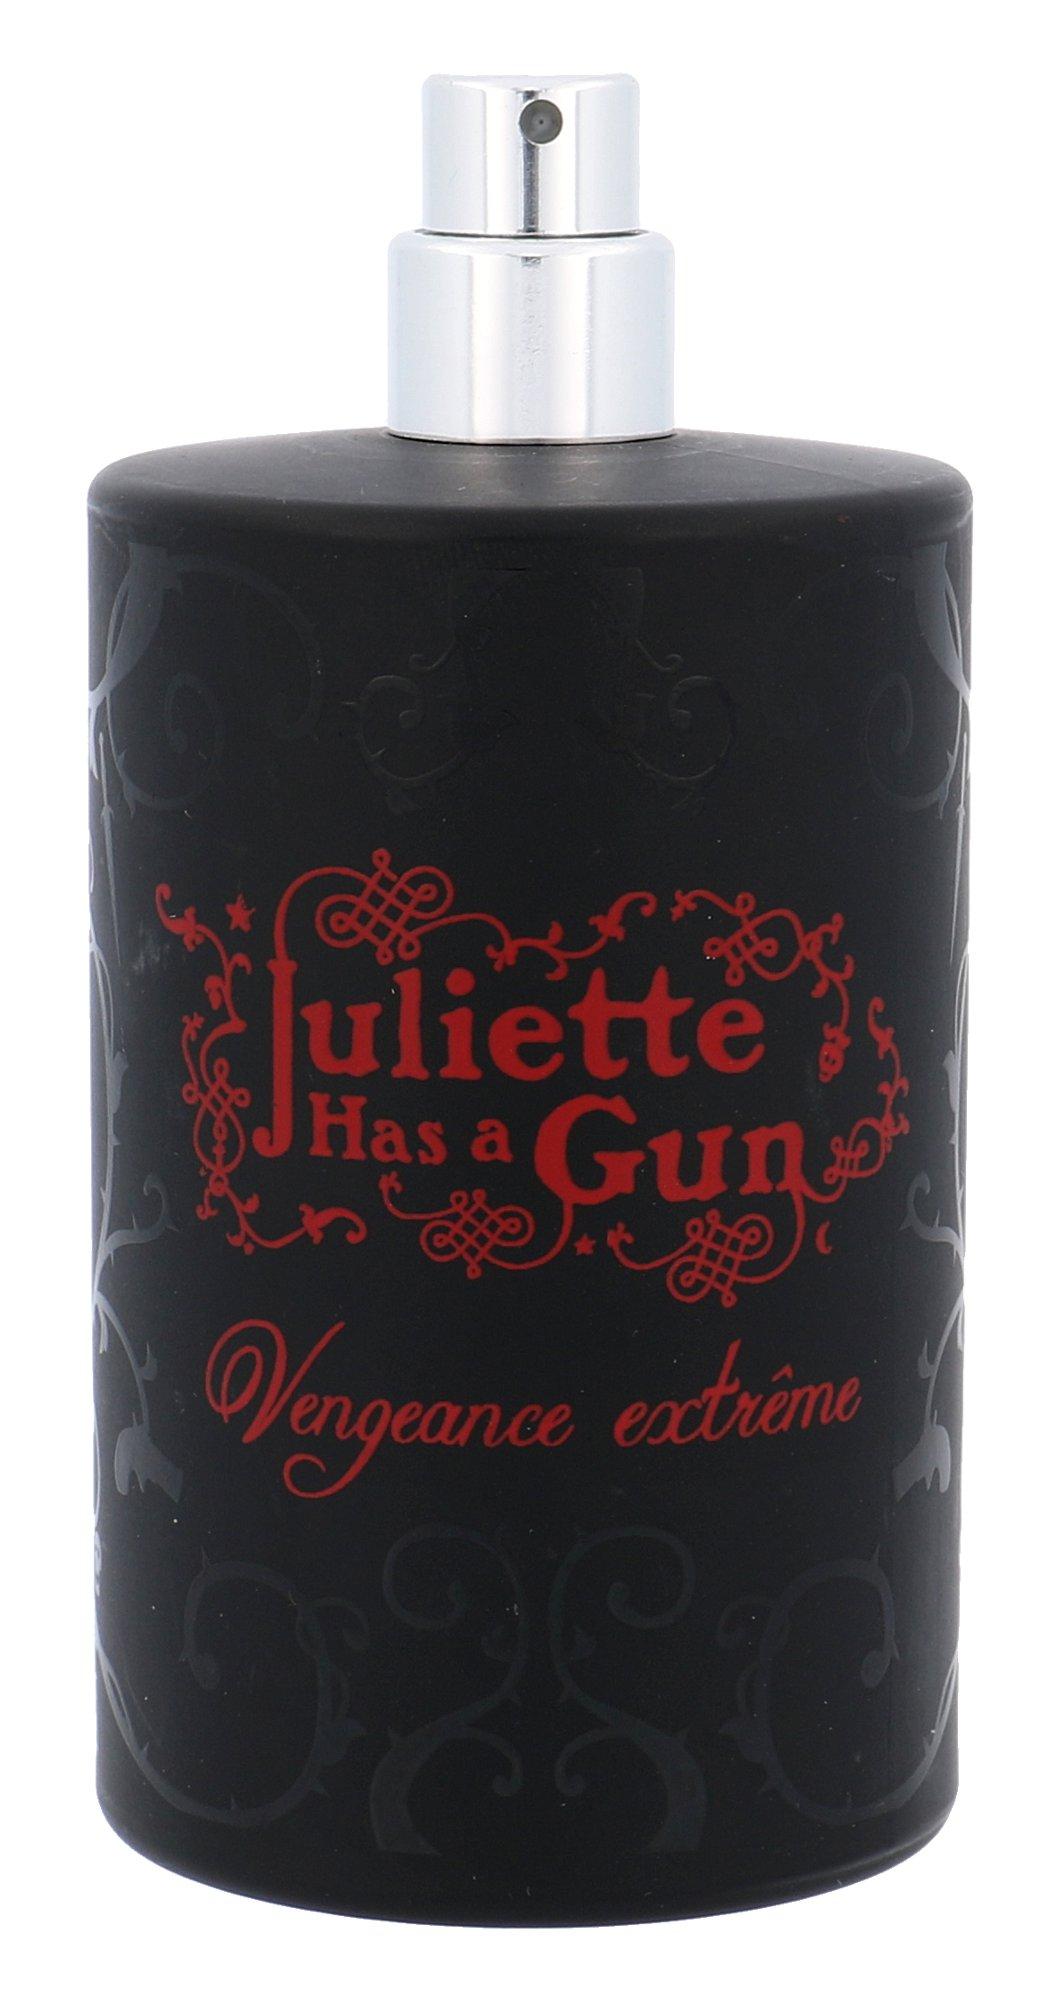 Juliette Has A Gun Vengeance Extreme, edp 100ml, Teszter